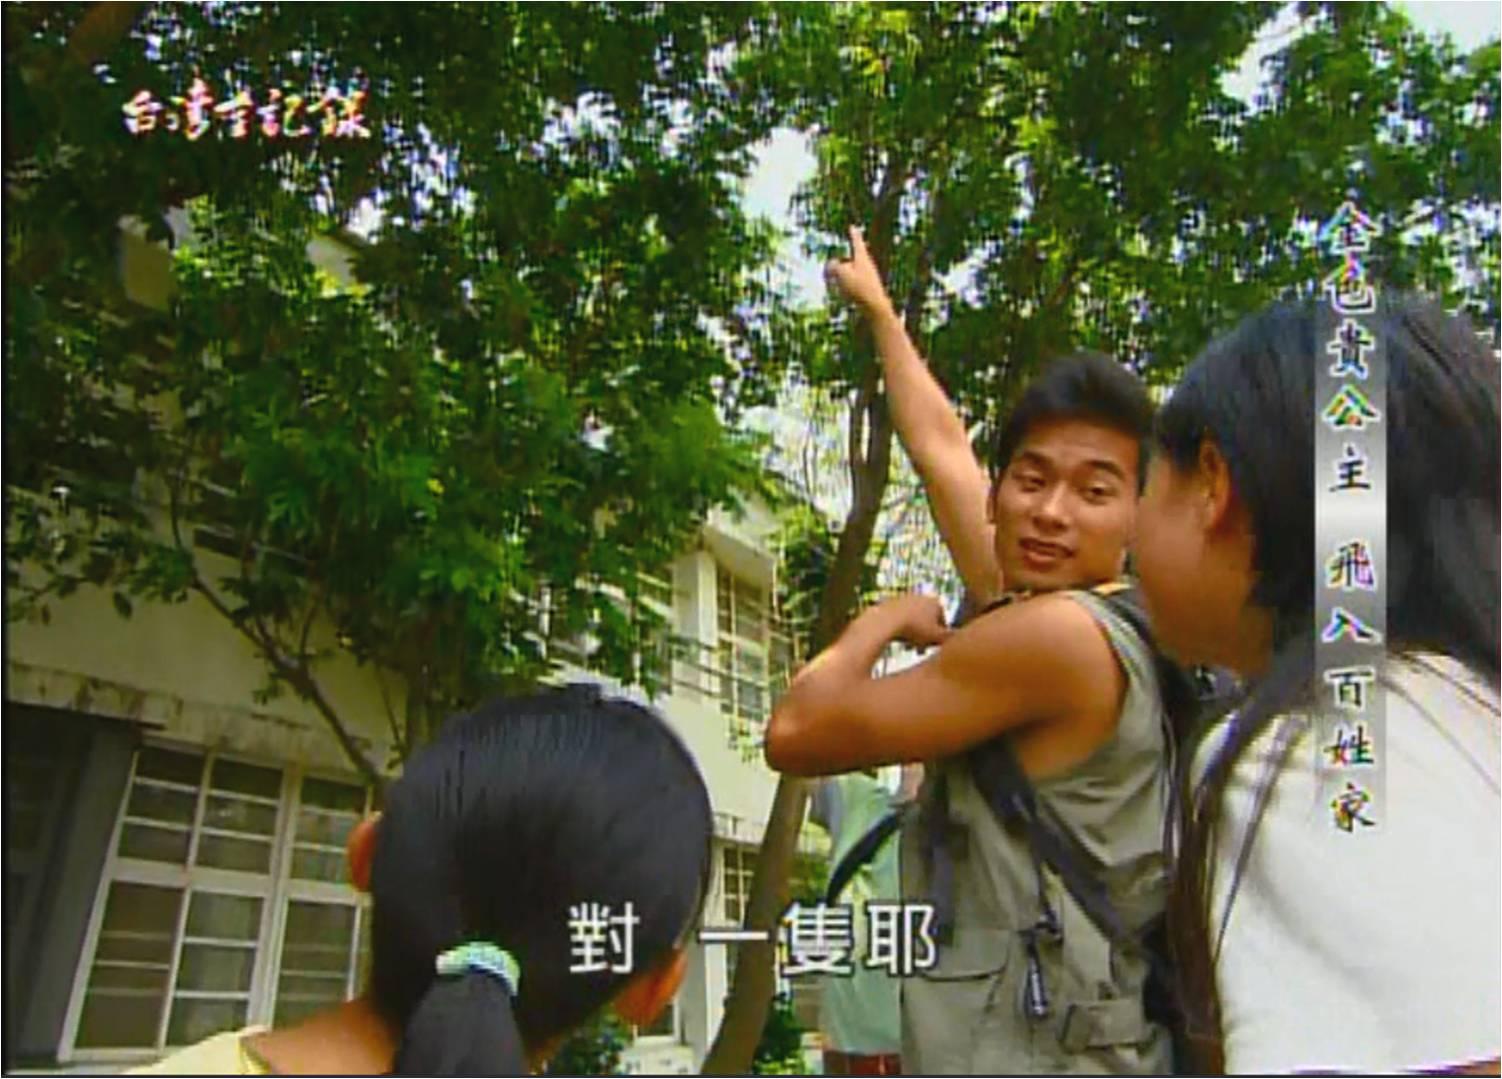 2014年6月三立電視台台灣全記錄亮哲來錄影